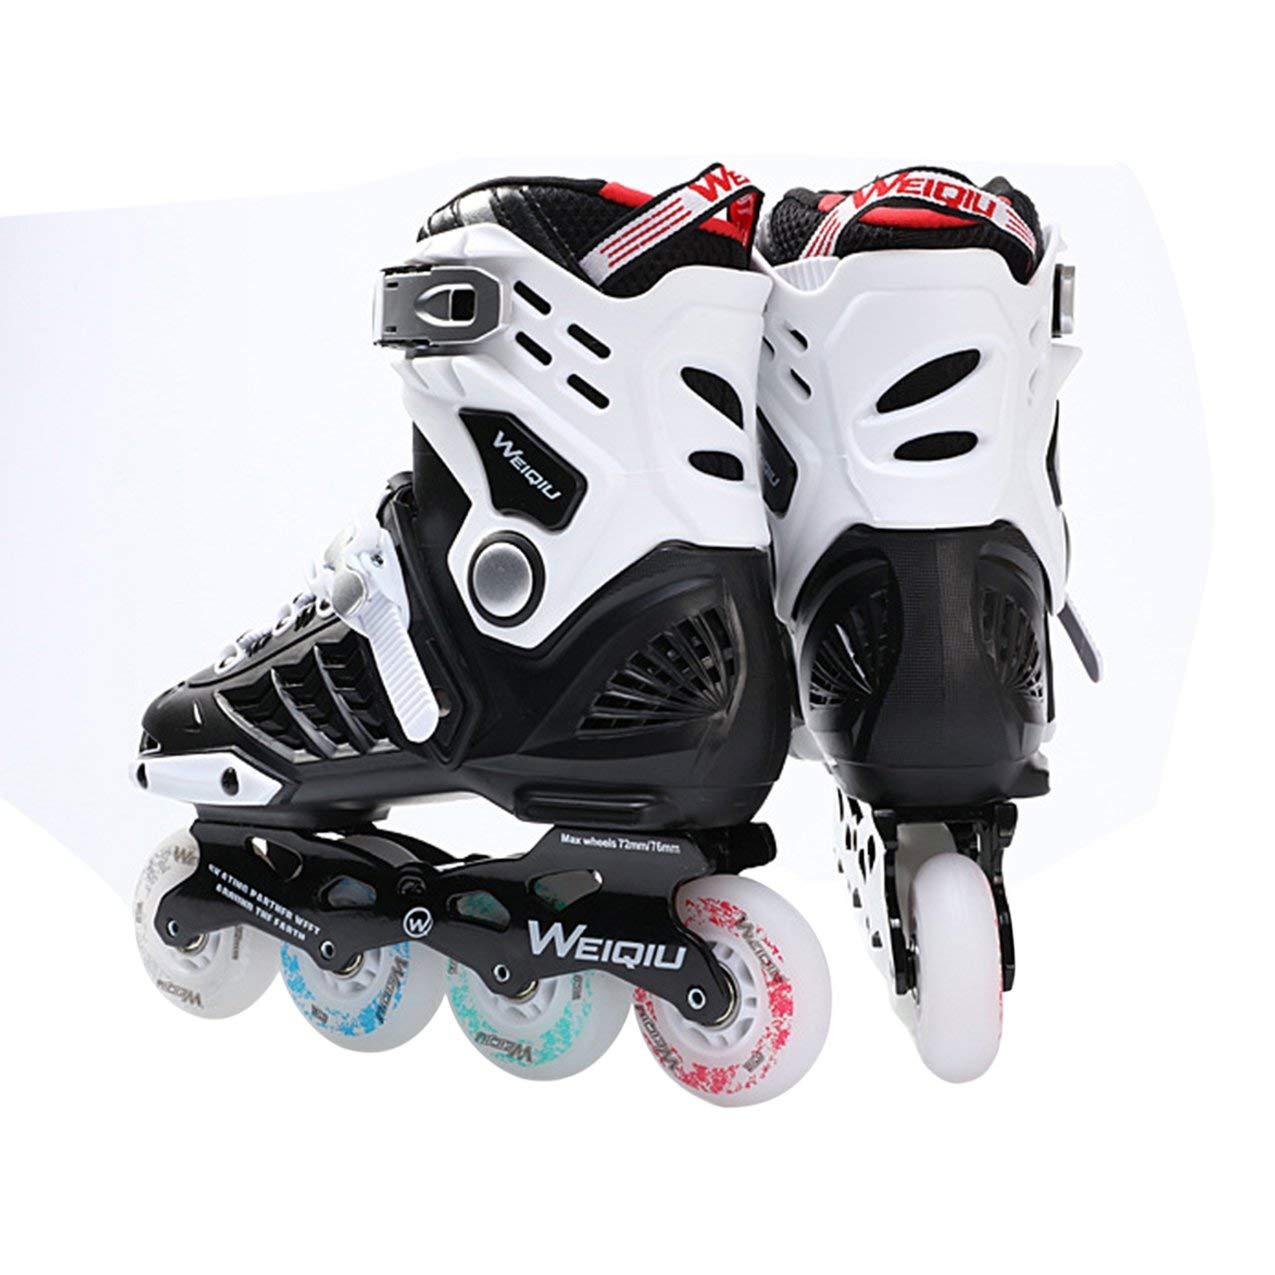 1 Paar Skates 8 Räder Full Flash LED Rad Skates Phantasie Gerade Erwachsene Rollschuhe Professionelle Männer Und Frauen Skates Schuhe